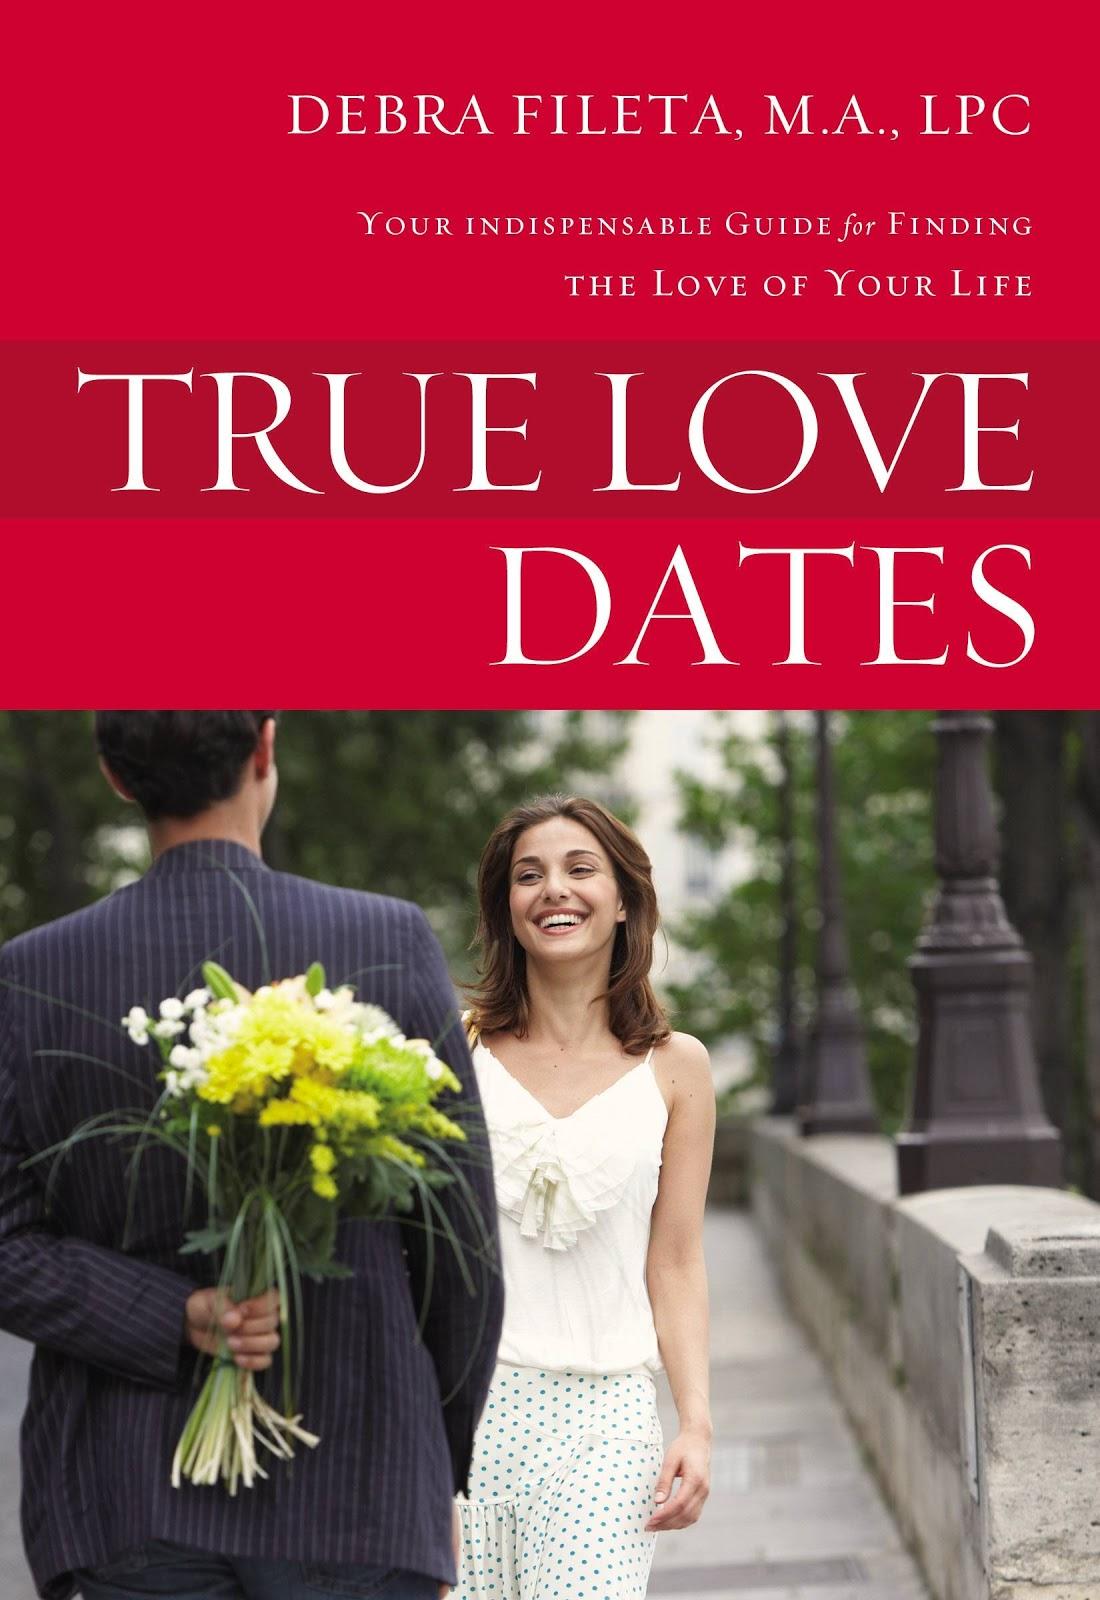 True love dates in Melbourne